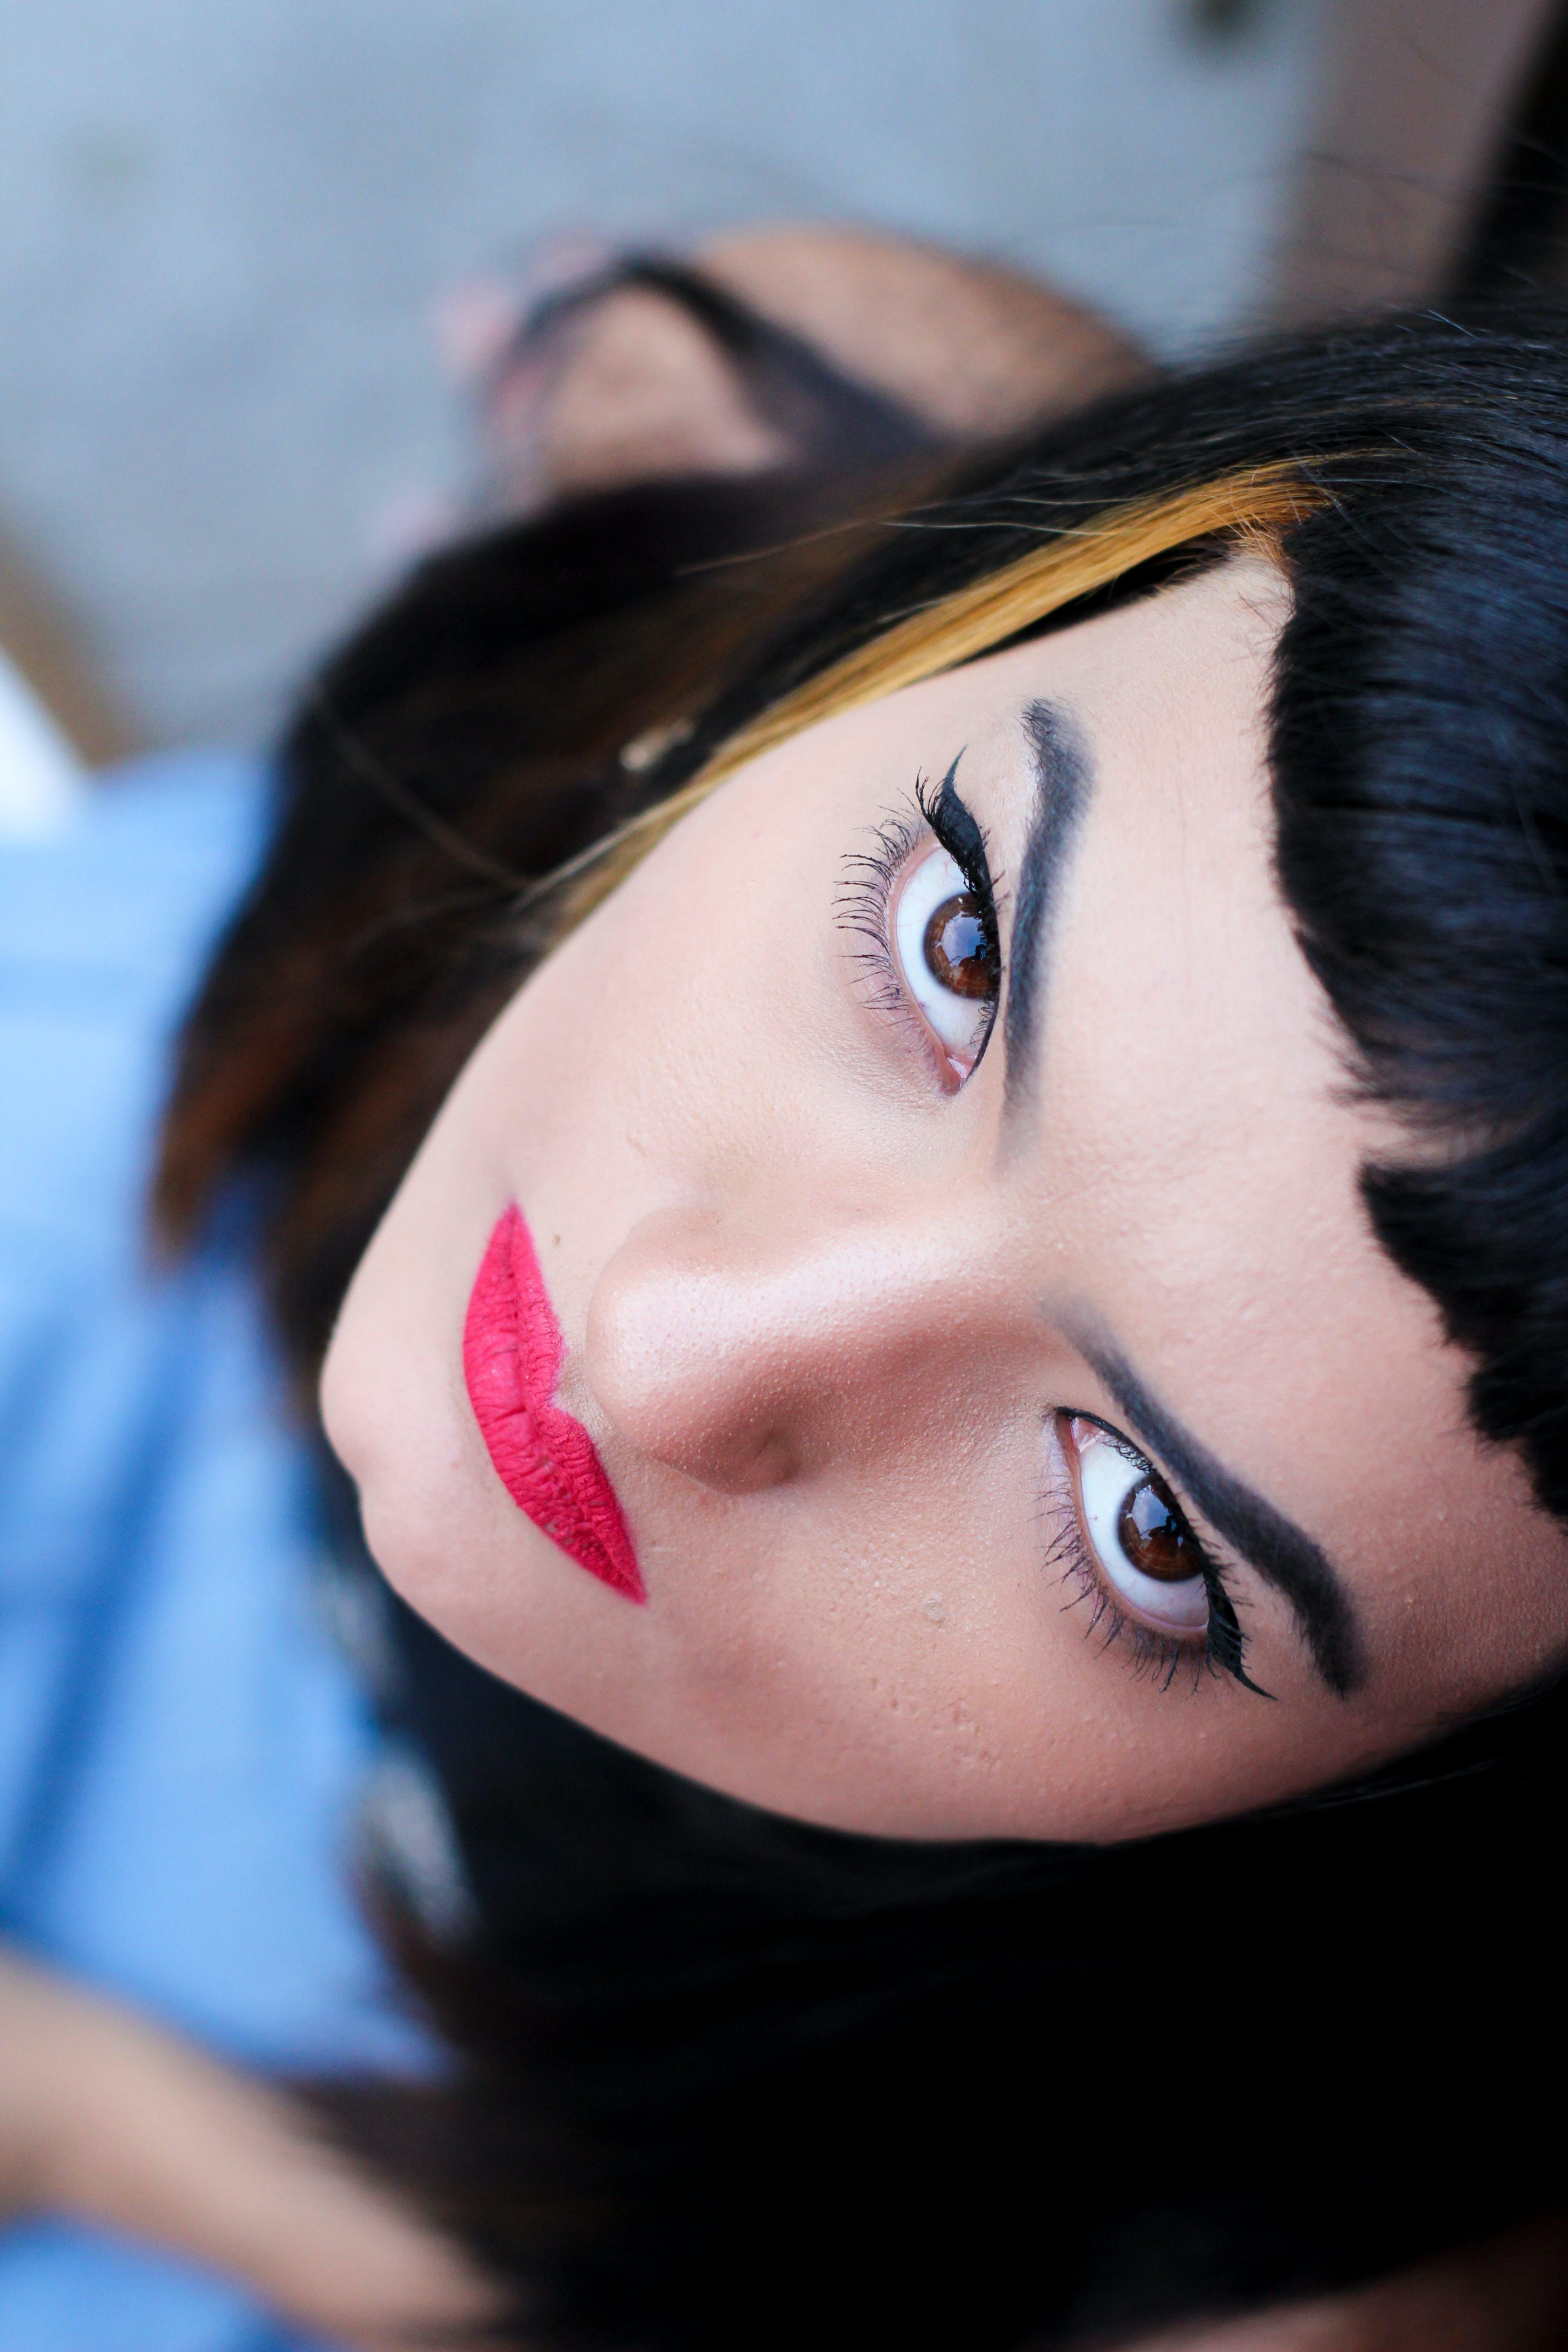 갈색 머리, 아름다운 여성, 여성, 예쁜의 무료 스톡 사진